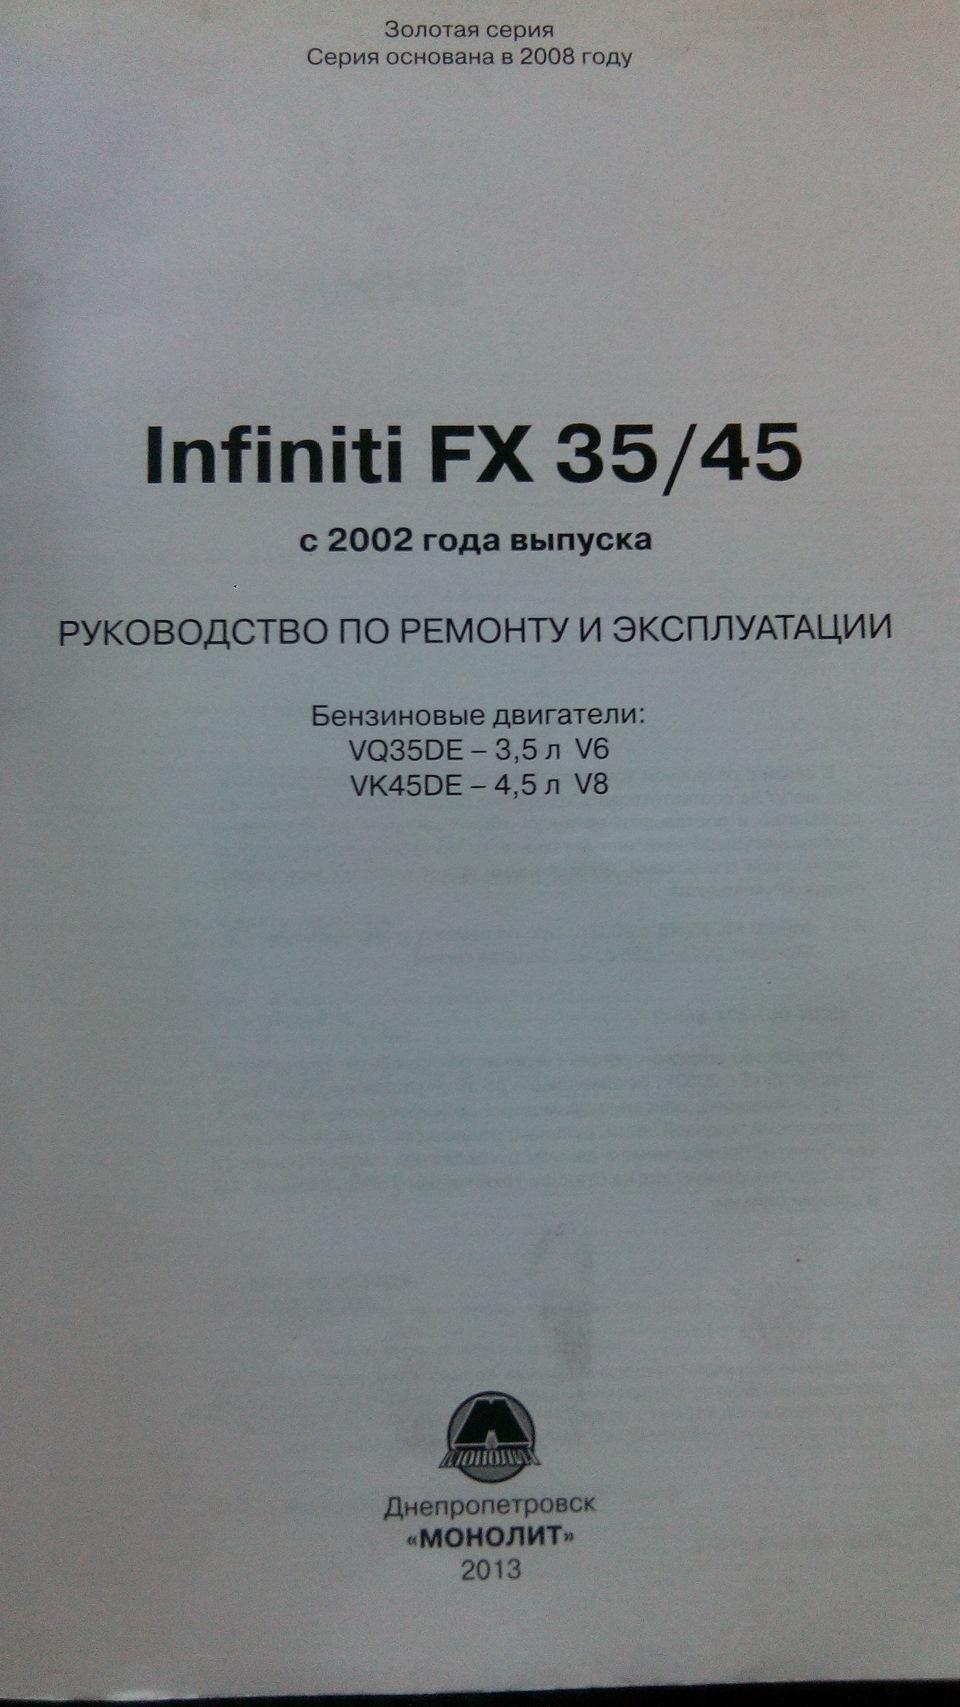 Инфинити fx35 инструкция по эксплуатации